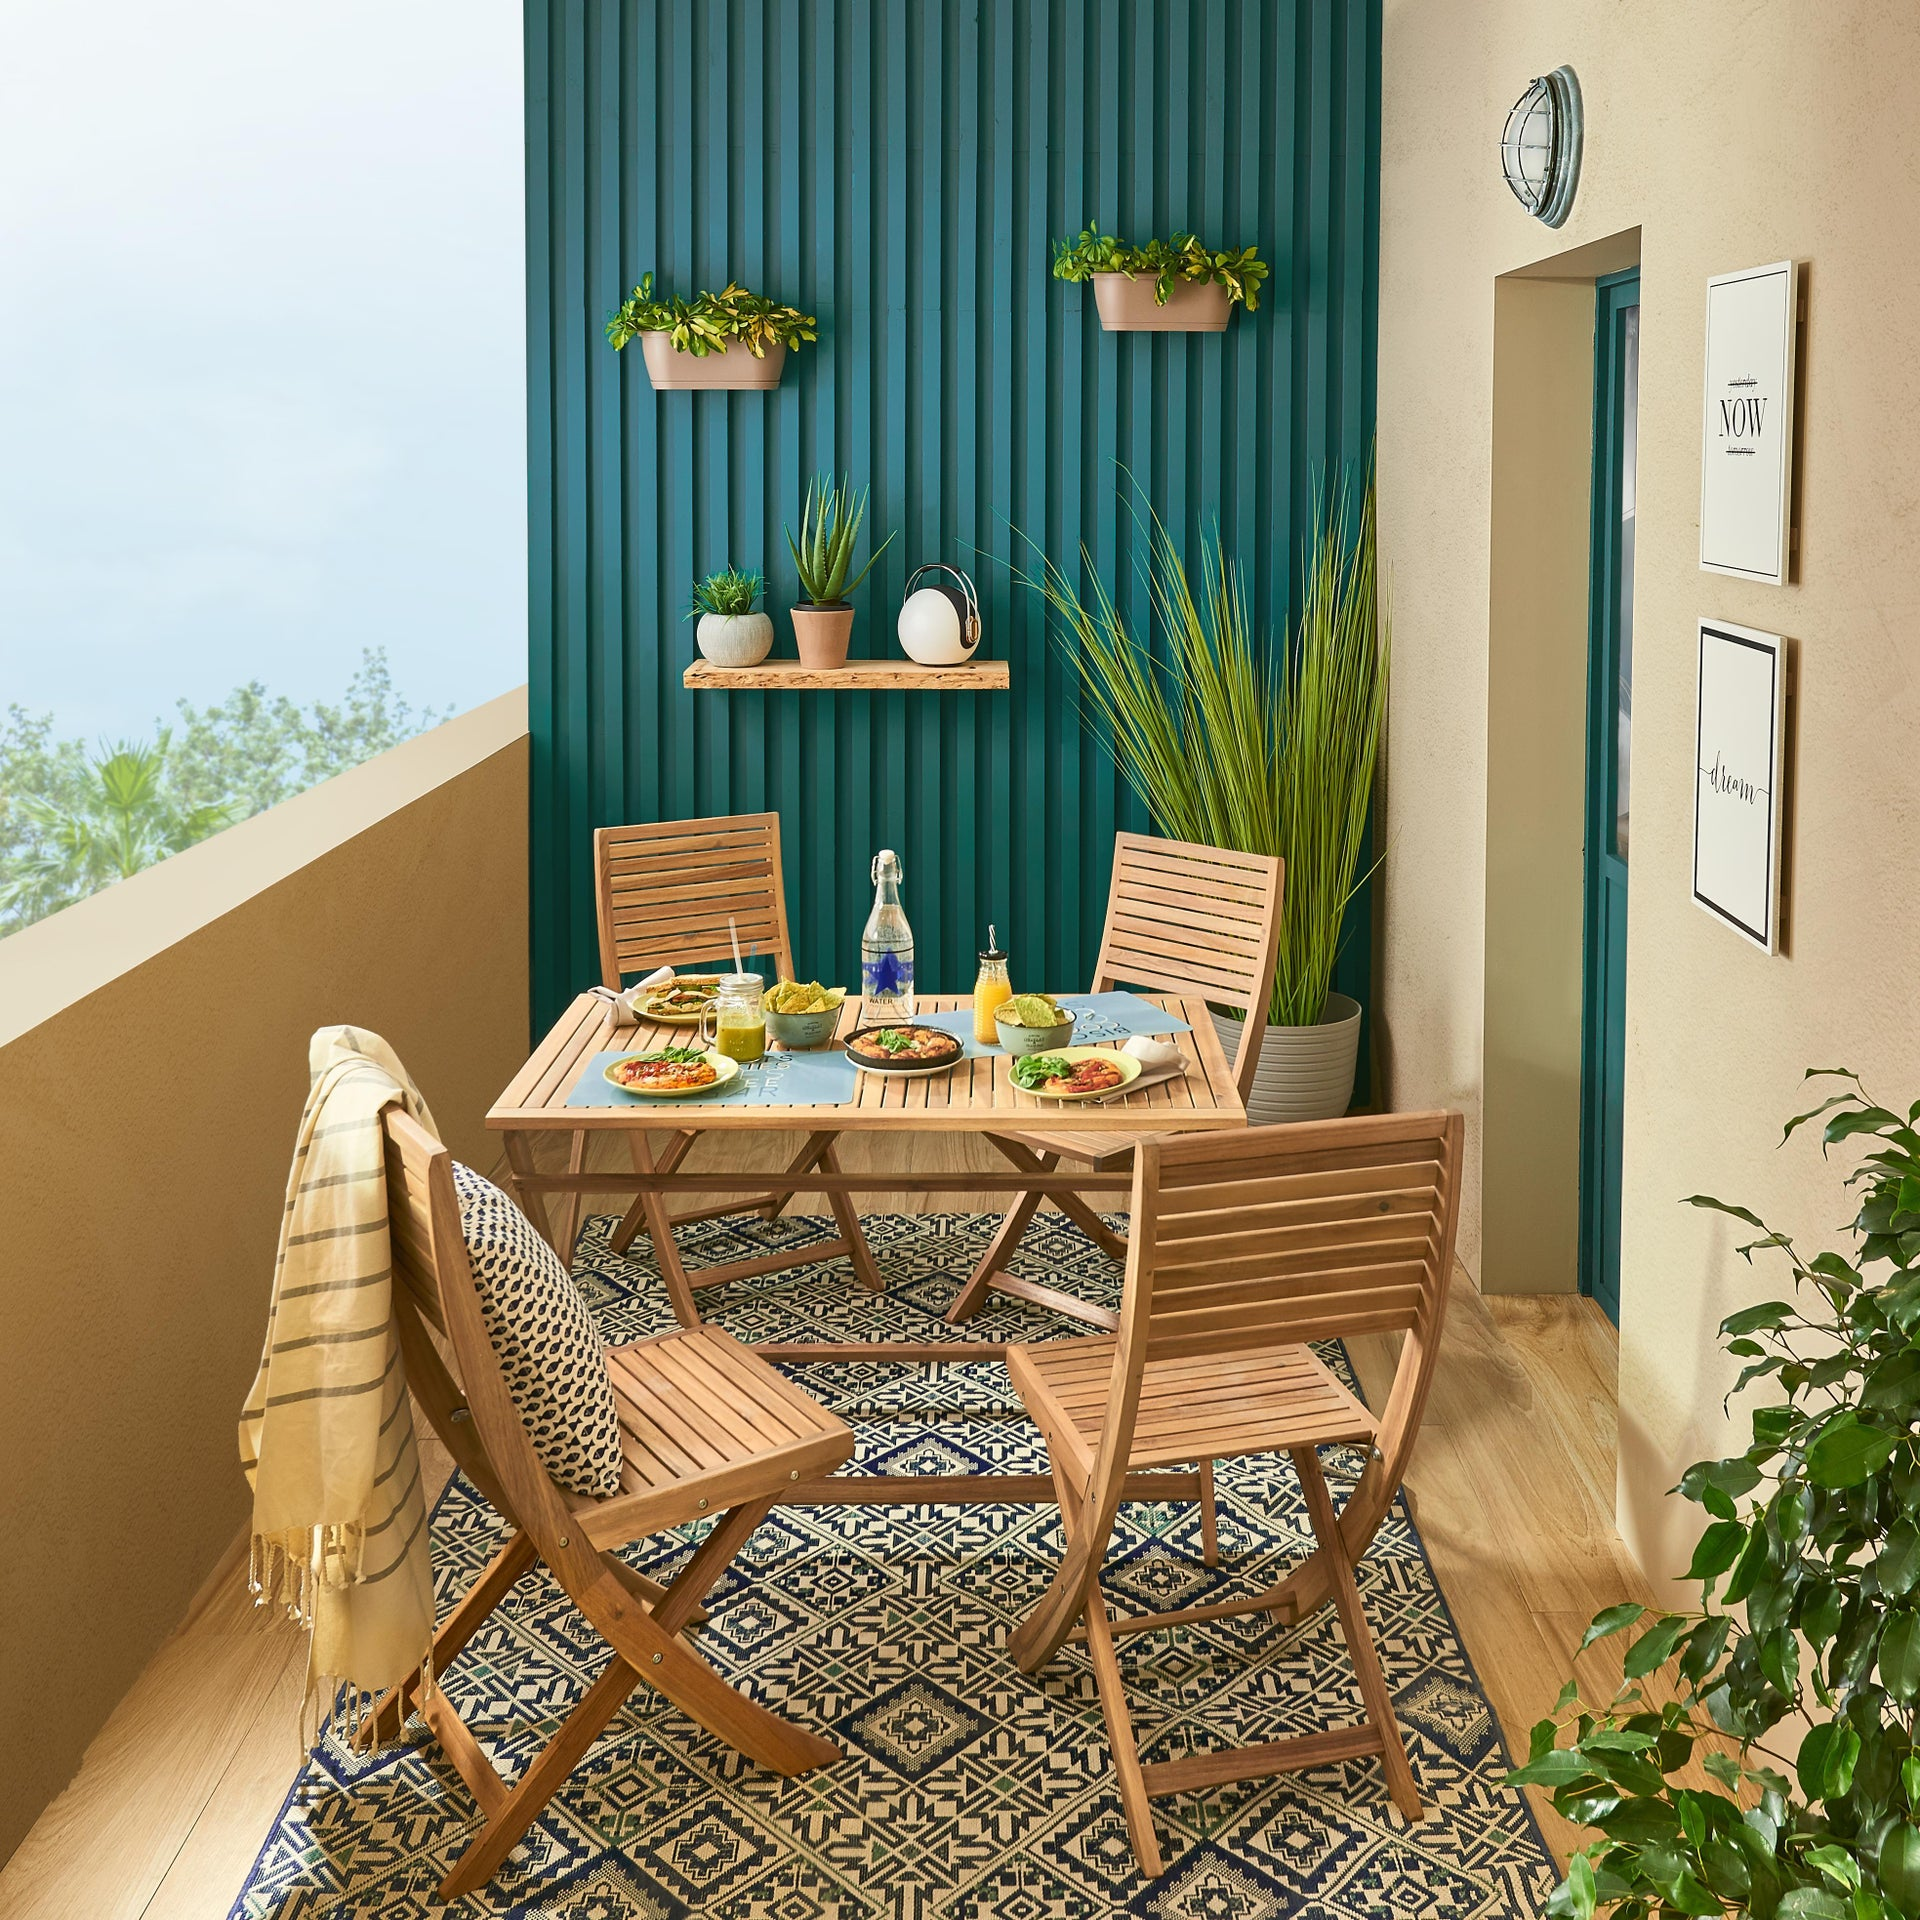 Tavolo da giardino rettangolare Solis NATERIAL con piano in legno L 70 x P 114 cm - 15